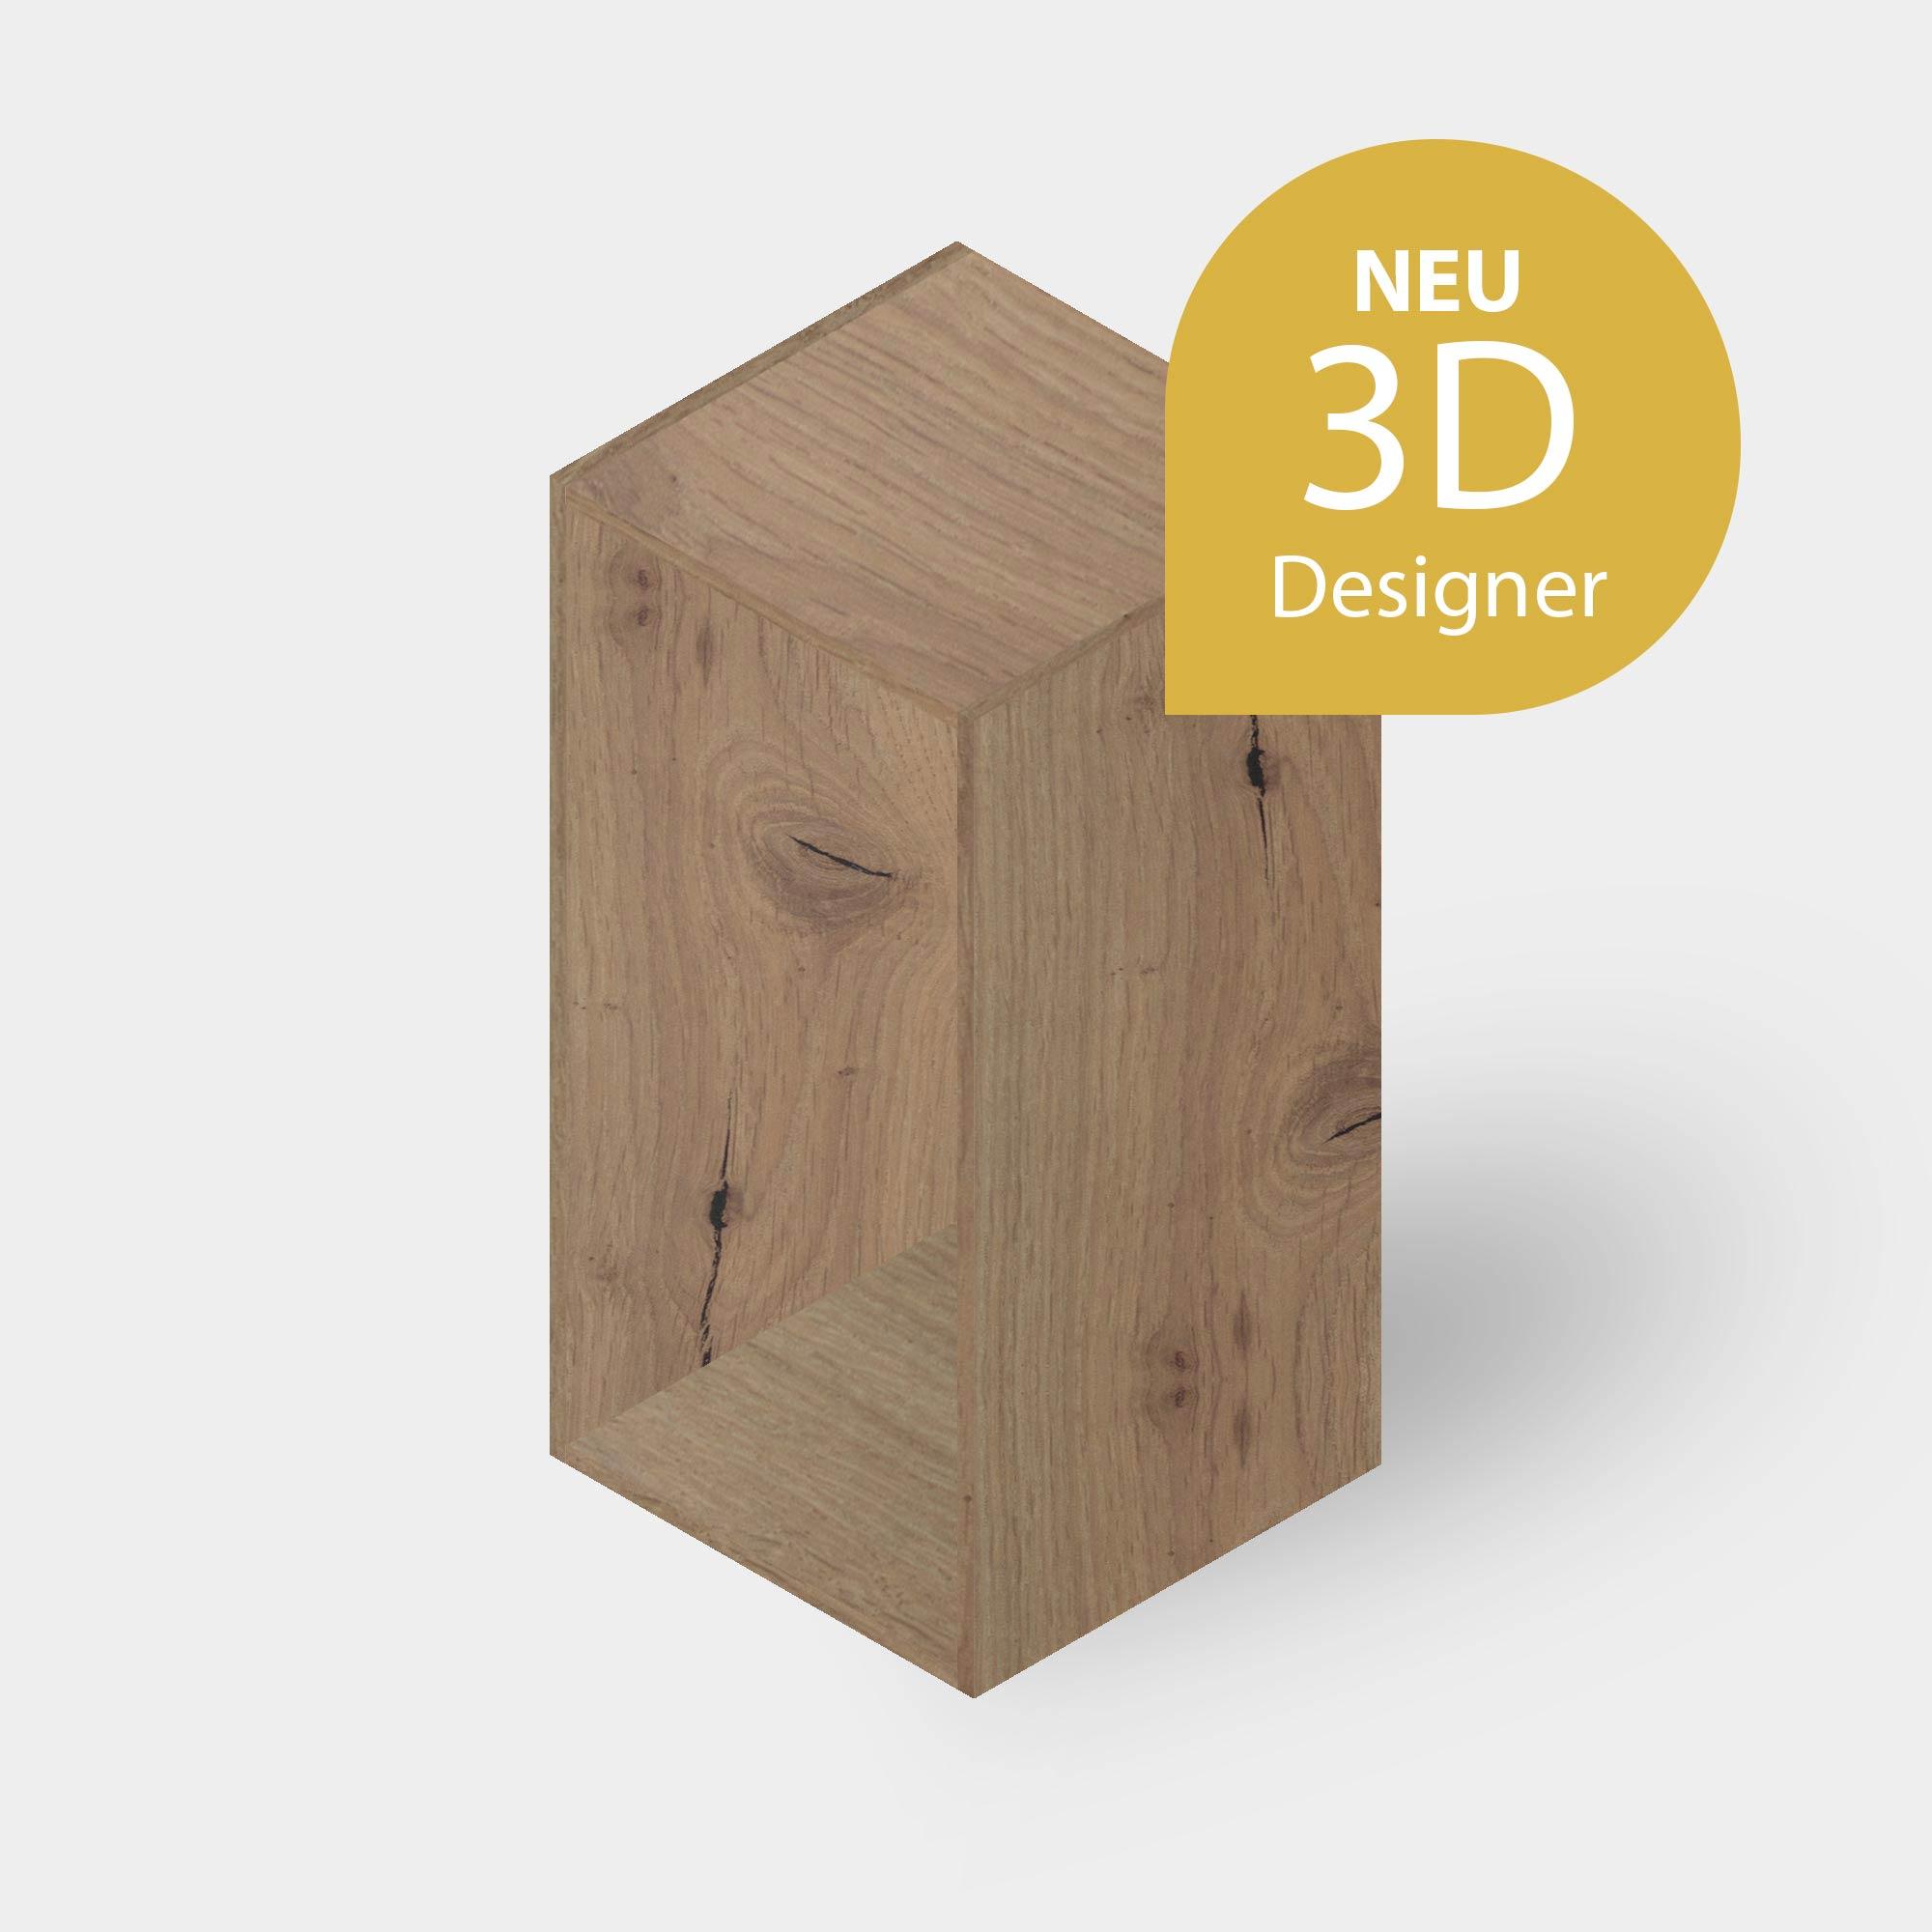 holzplatte online schrank kasten 3d designer holzplatte online. Black Bedroom Furniture Sets. Home Design Ideas